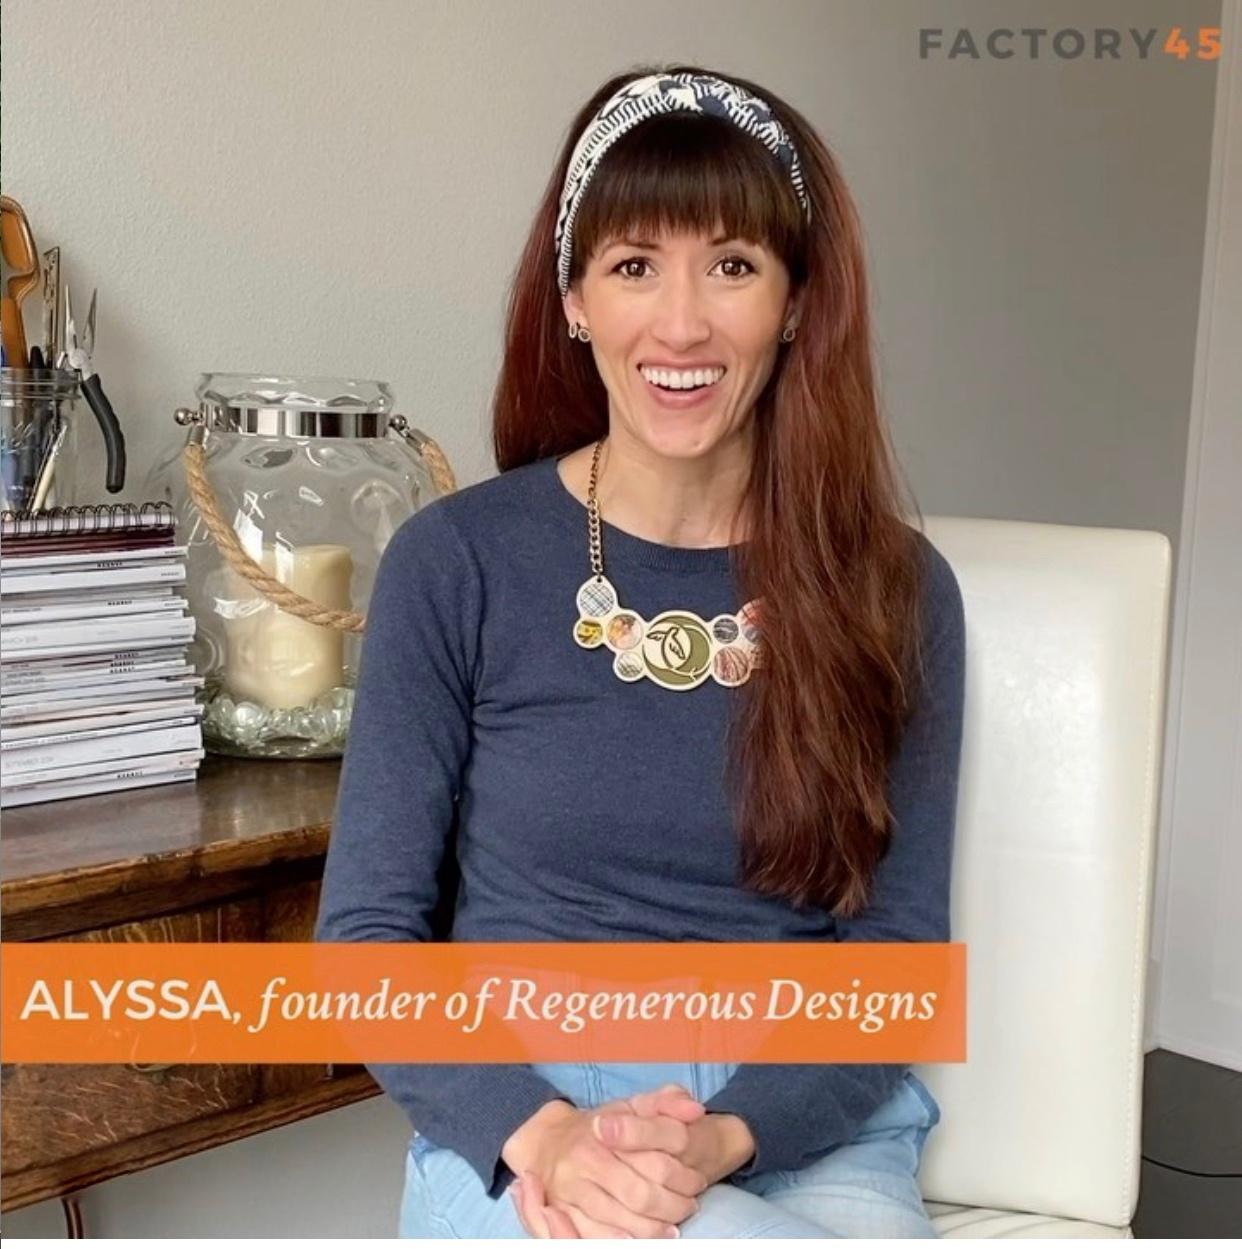 Alyssa Bird talking about the Factory45 sustainable fashion program